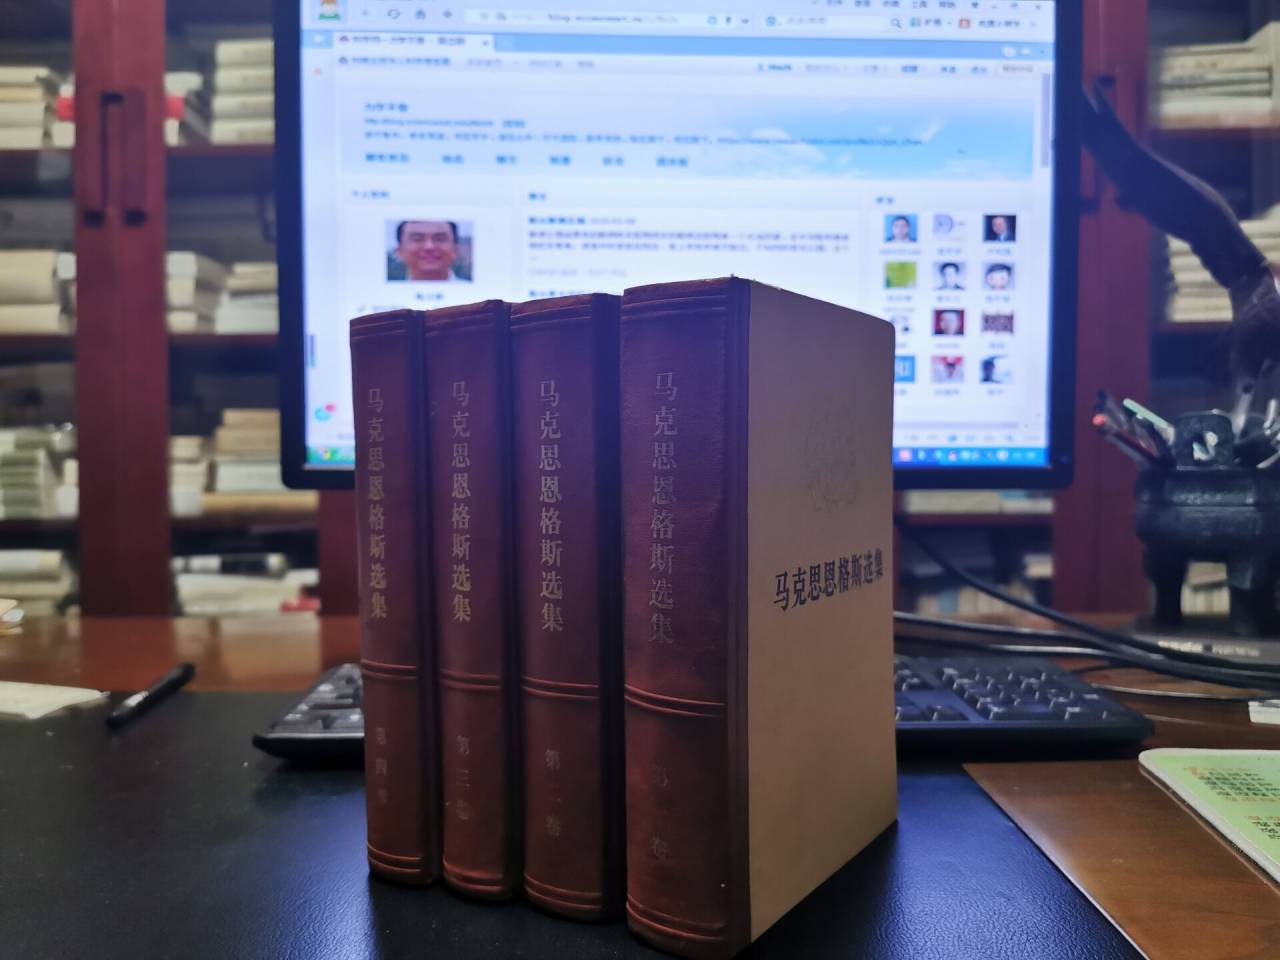 岳父留下的书2.jpg